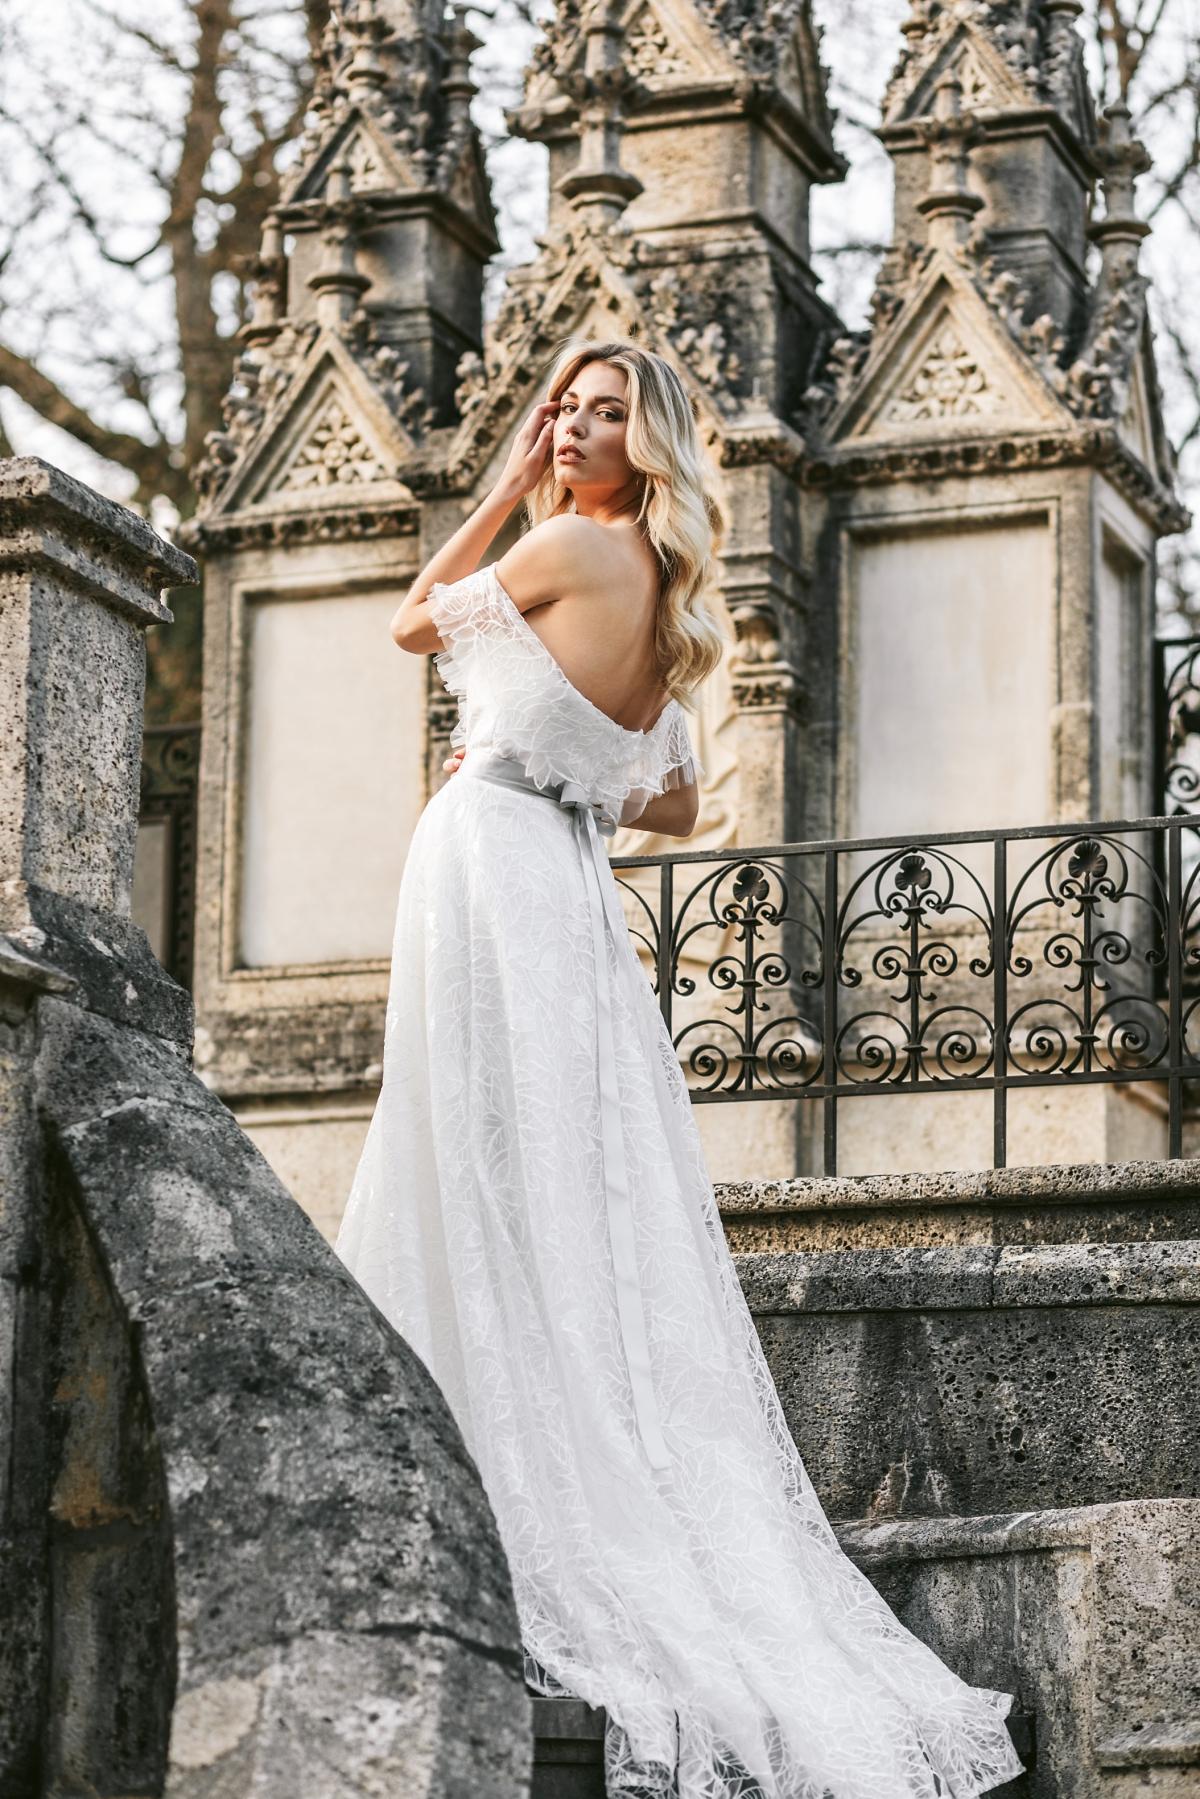 alduk bridal editorial robert kale